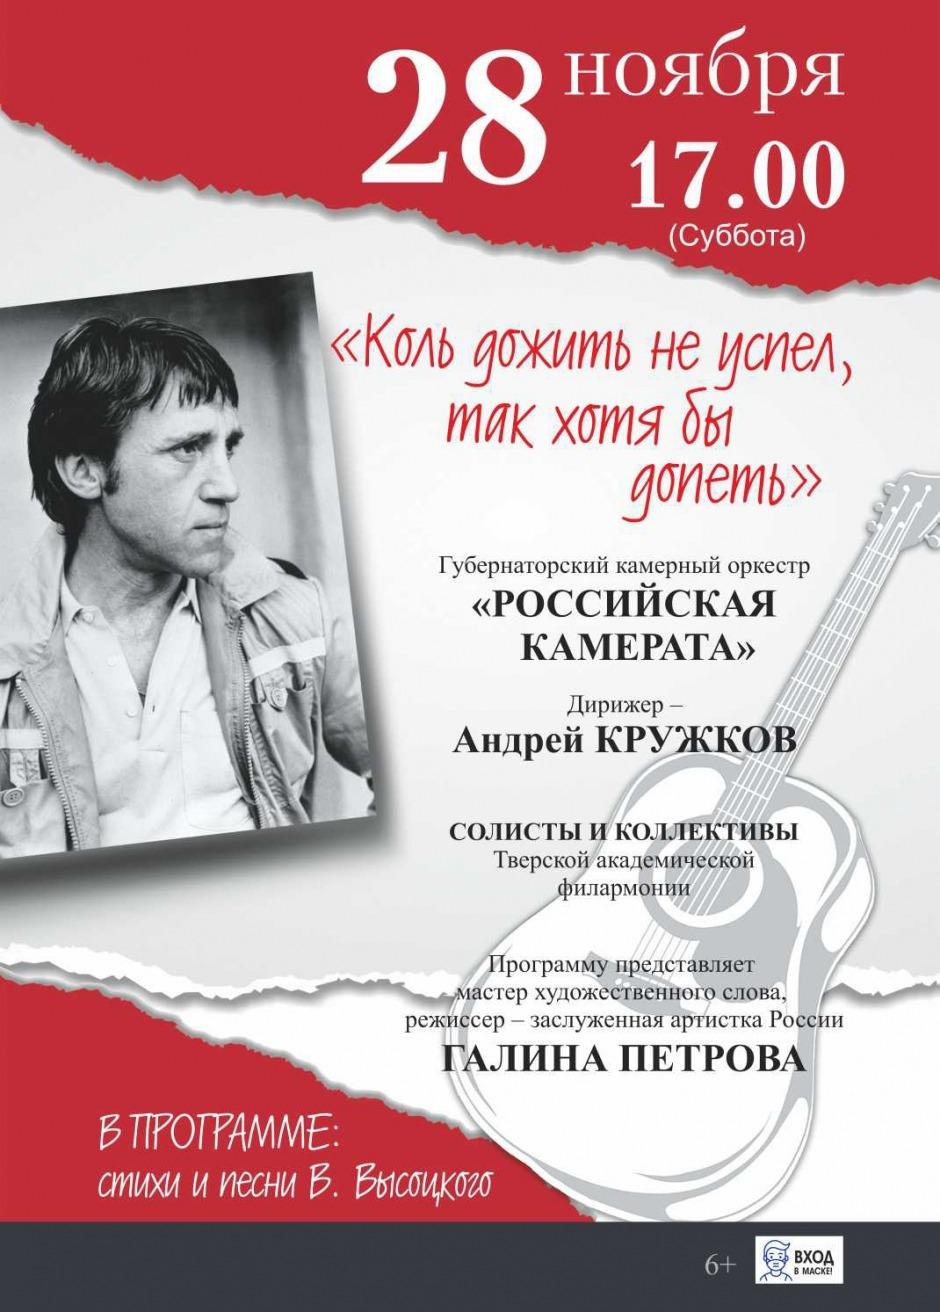 Стихи и песни Владимира Высоцкого прозвучат в Тверской академической филармонии